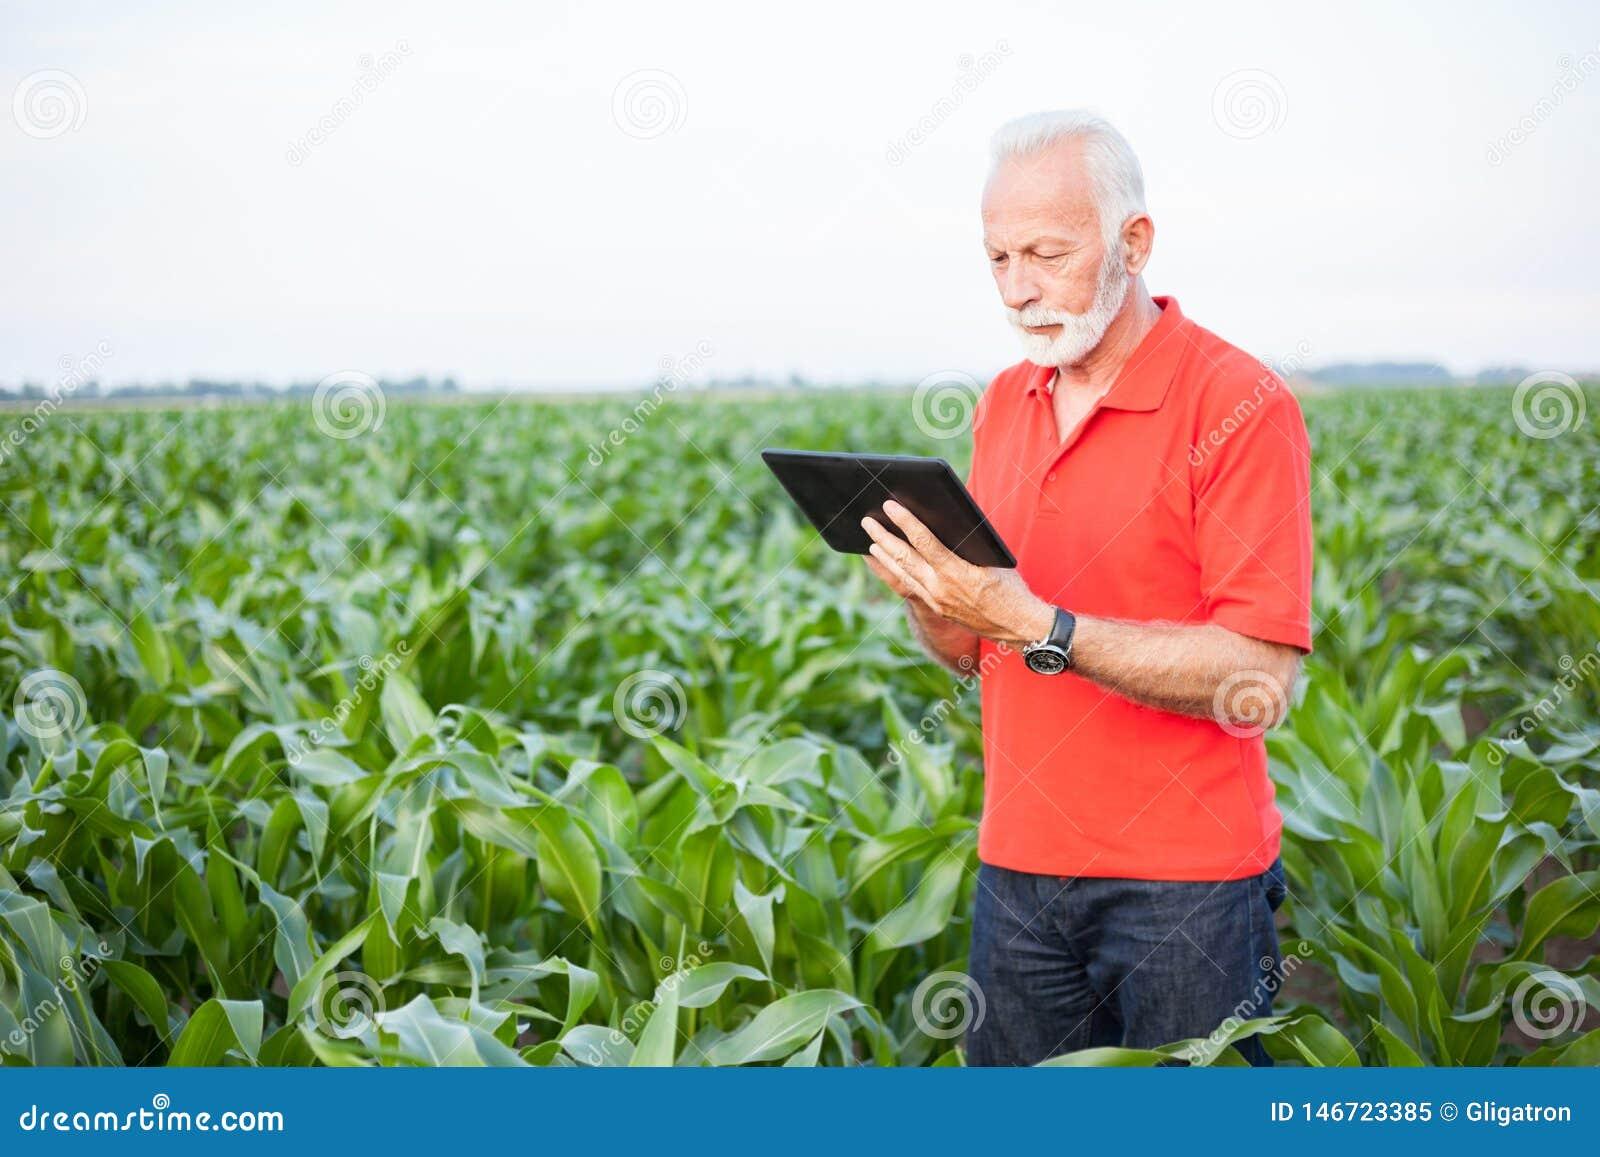 Ανώτερος γεωπόνος ή αγρότης που στέκεται στον τομέα καλαμποκιού και που χρησιμοποιεί μια ταμπλέτα